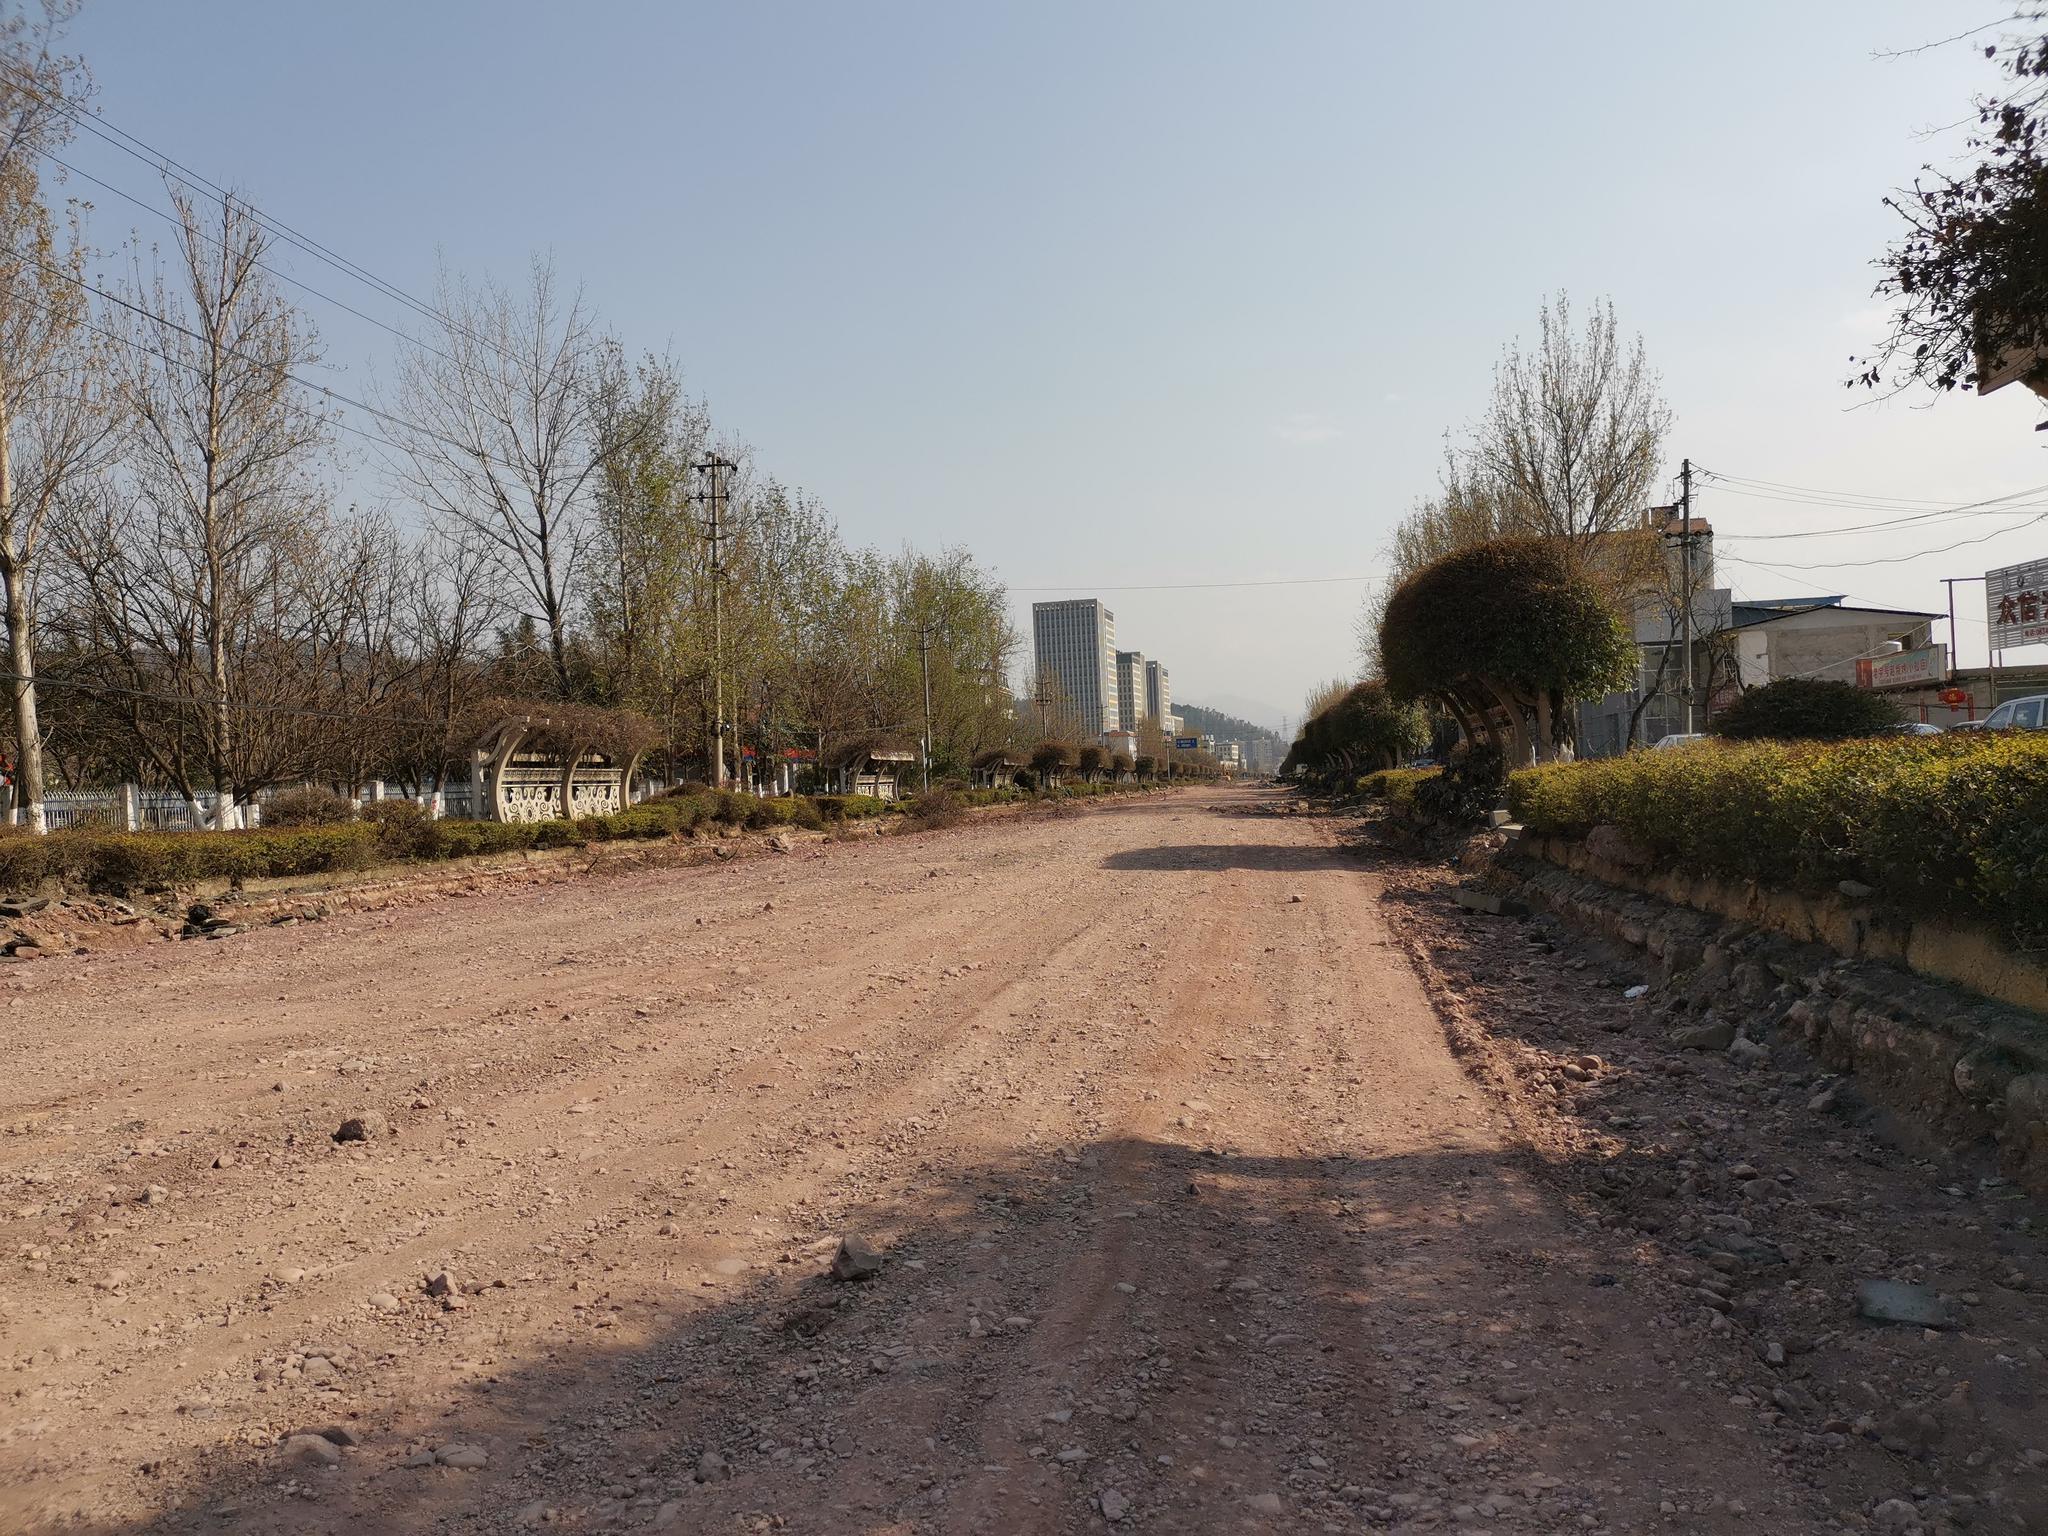 四川西昌因施工挖断供水管道 当地正在积极抢修